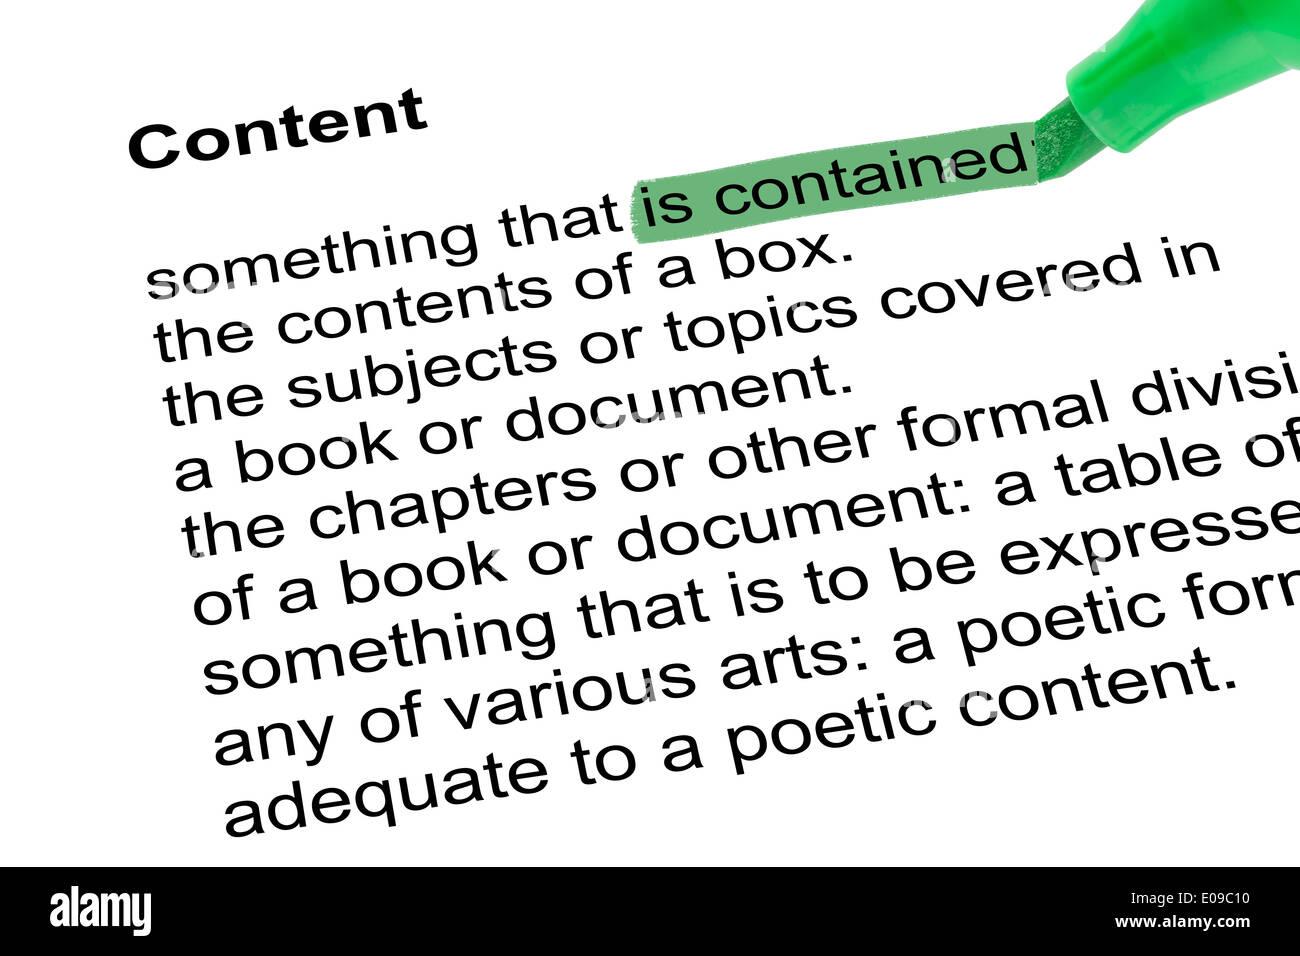 Palabras resaltadas es containedfor contenido con lápiz verde sobre papel blanco. Fondo blanco aisladas. Imagen De Stock